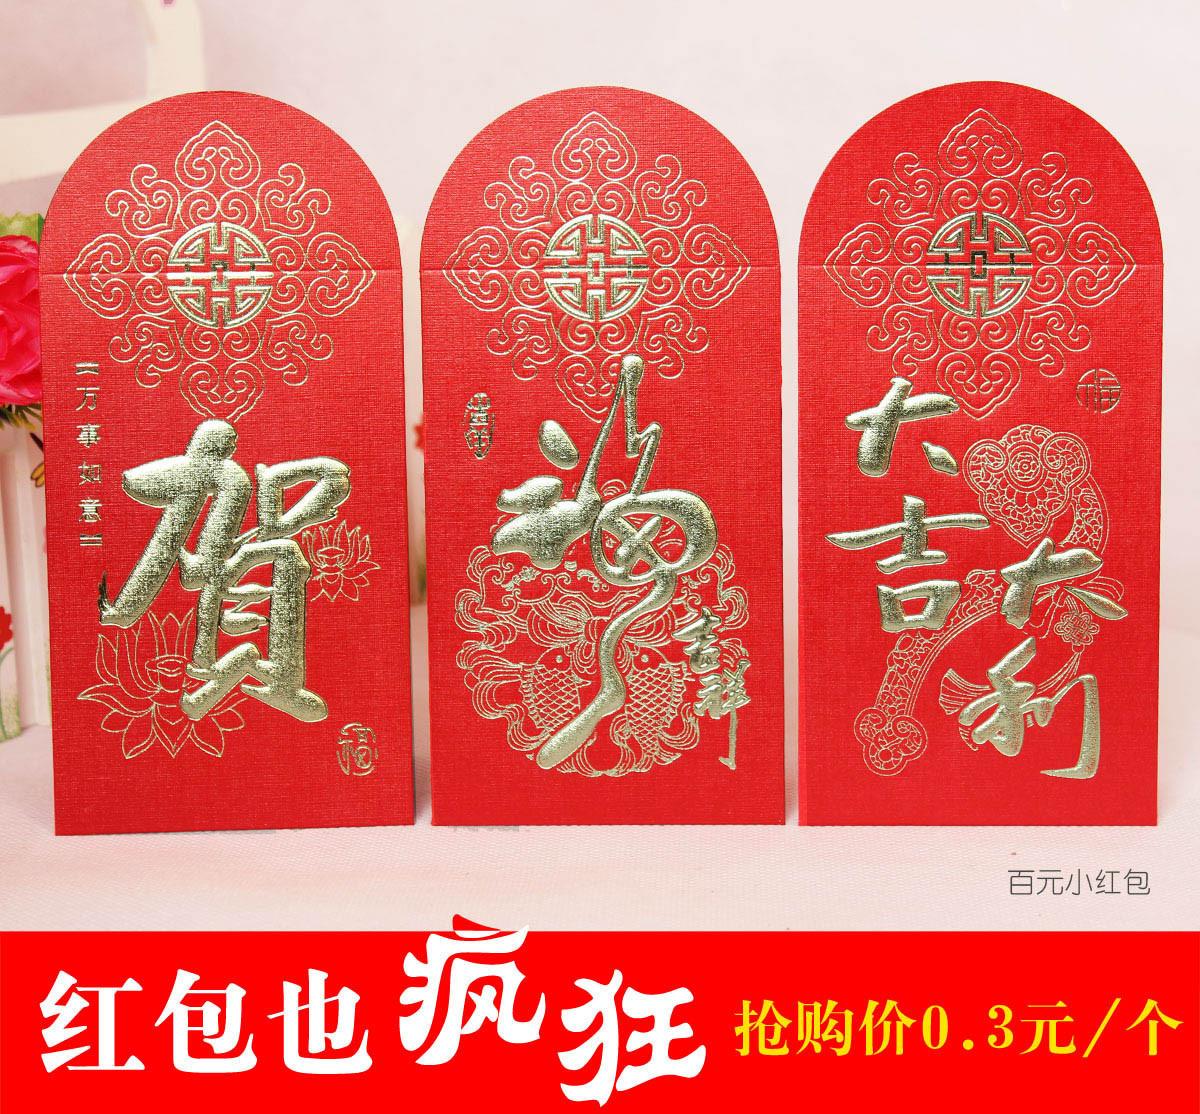 2012龙年创意红包 结婚/生日通用/过年压岁钱小红包 新年利是封